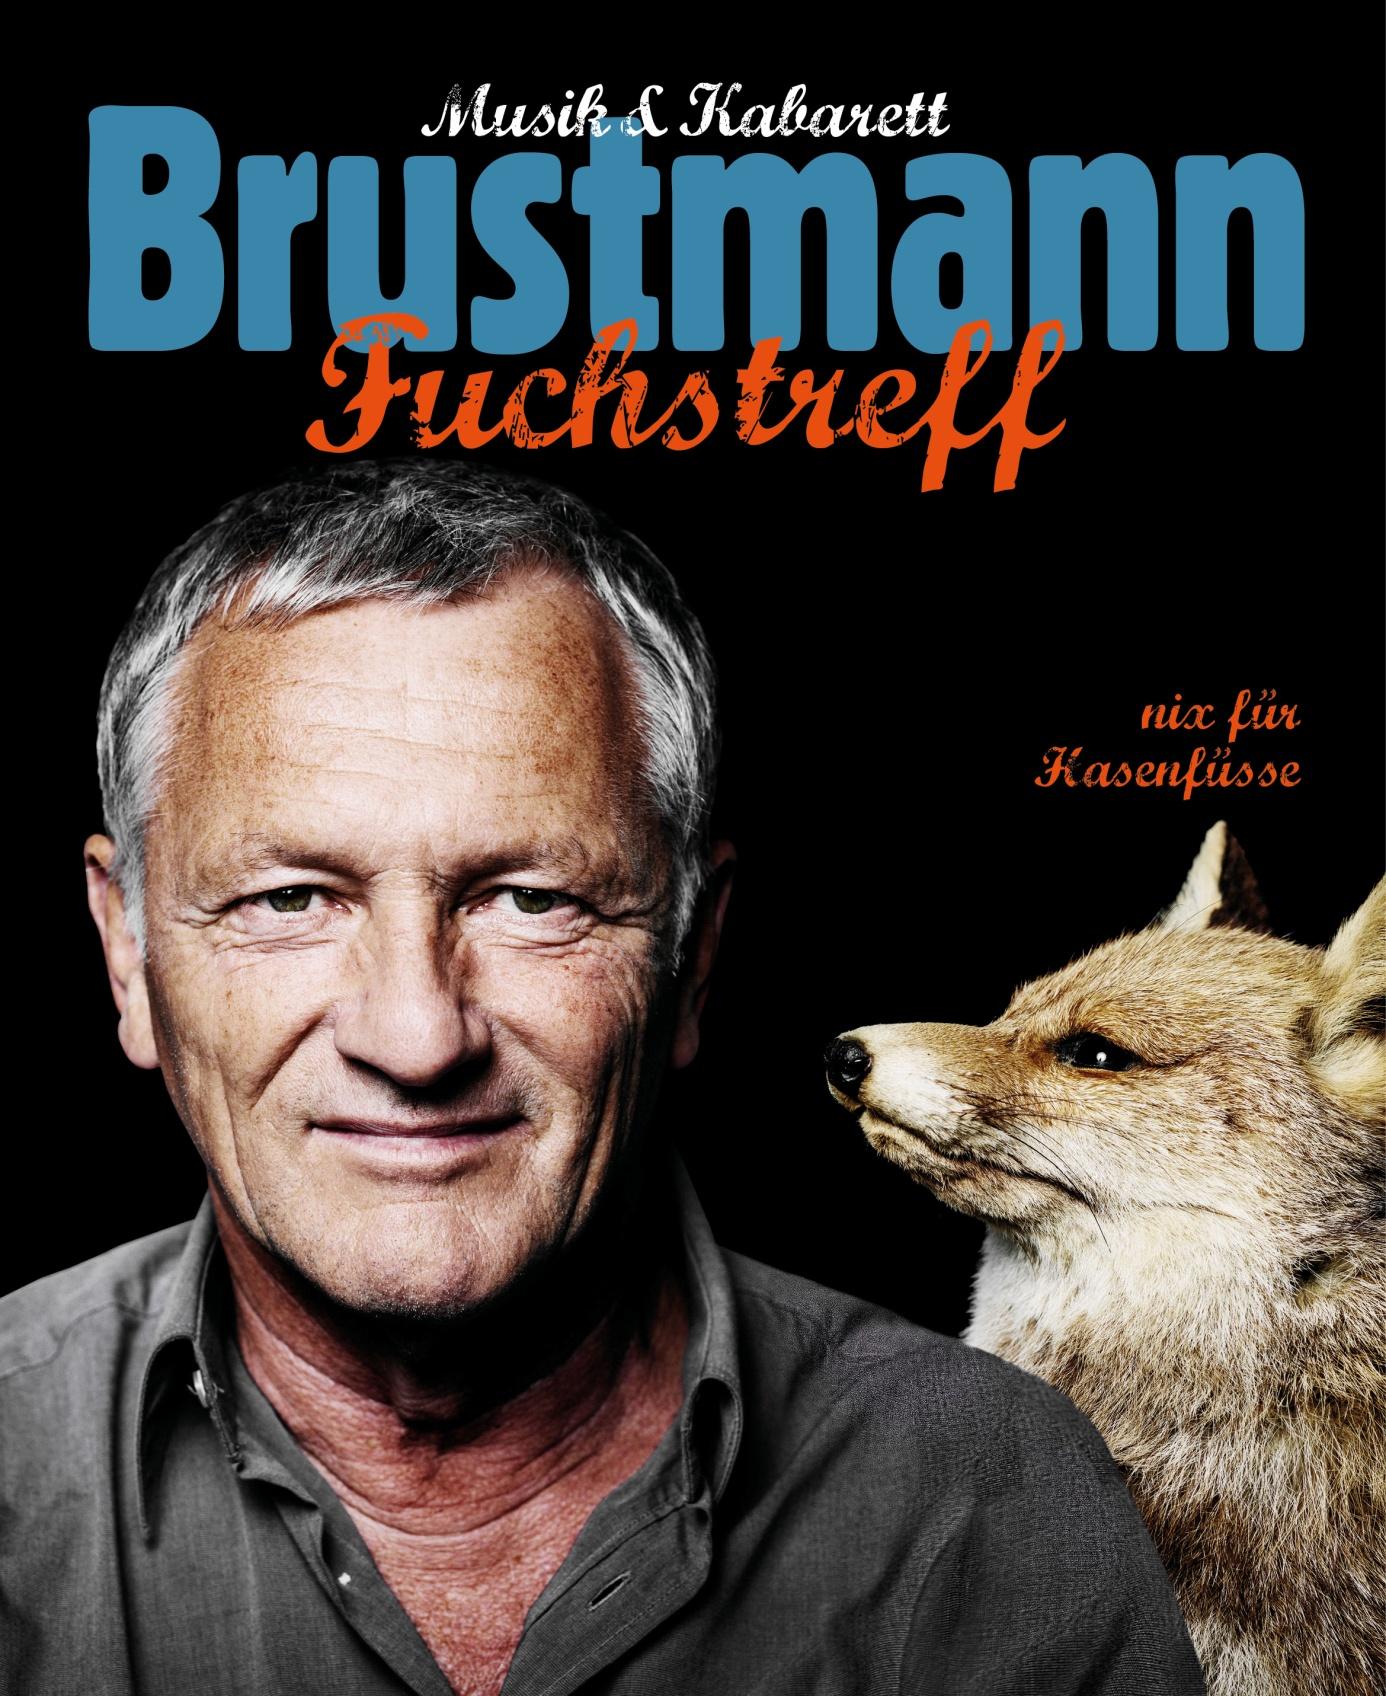 Musik und Kabarett - Josef Brustmann FUCHS-TREFF: nix für Hasenfüße im Gleis 1 in Meckenbeuren